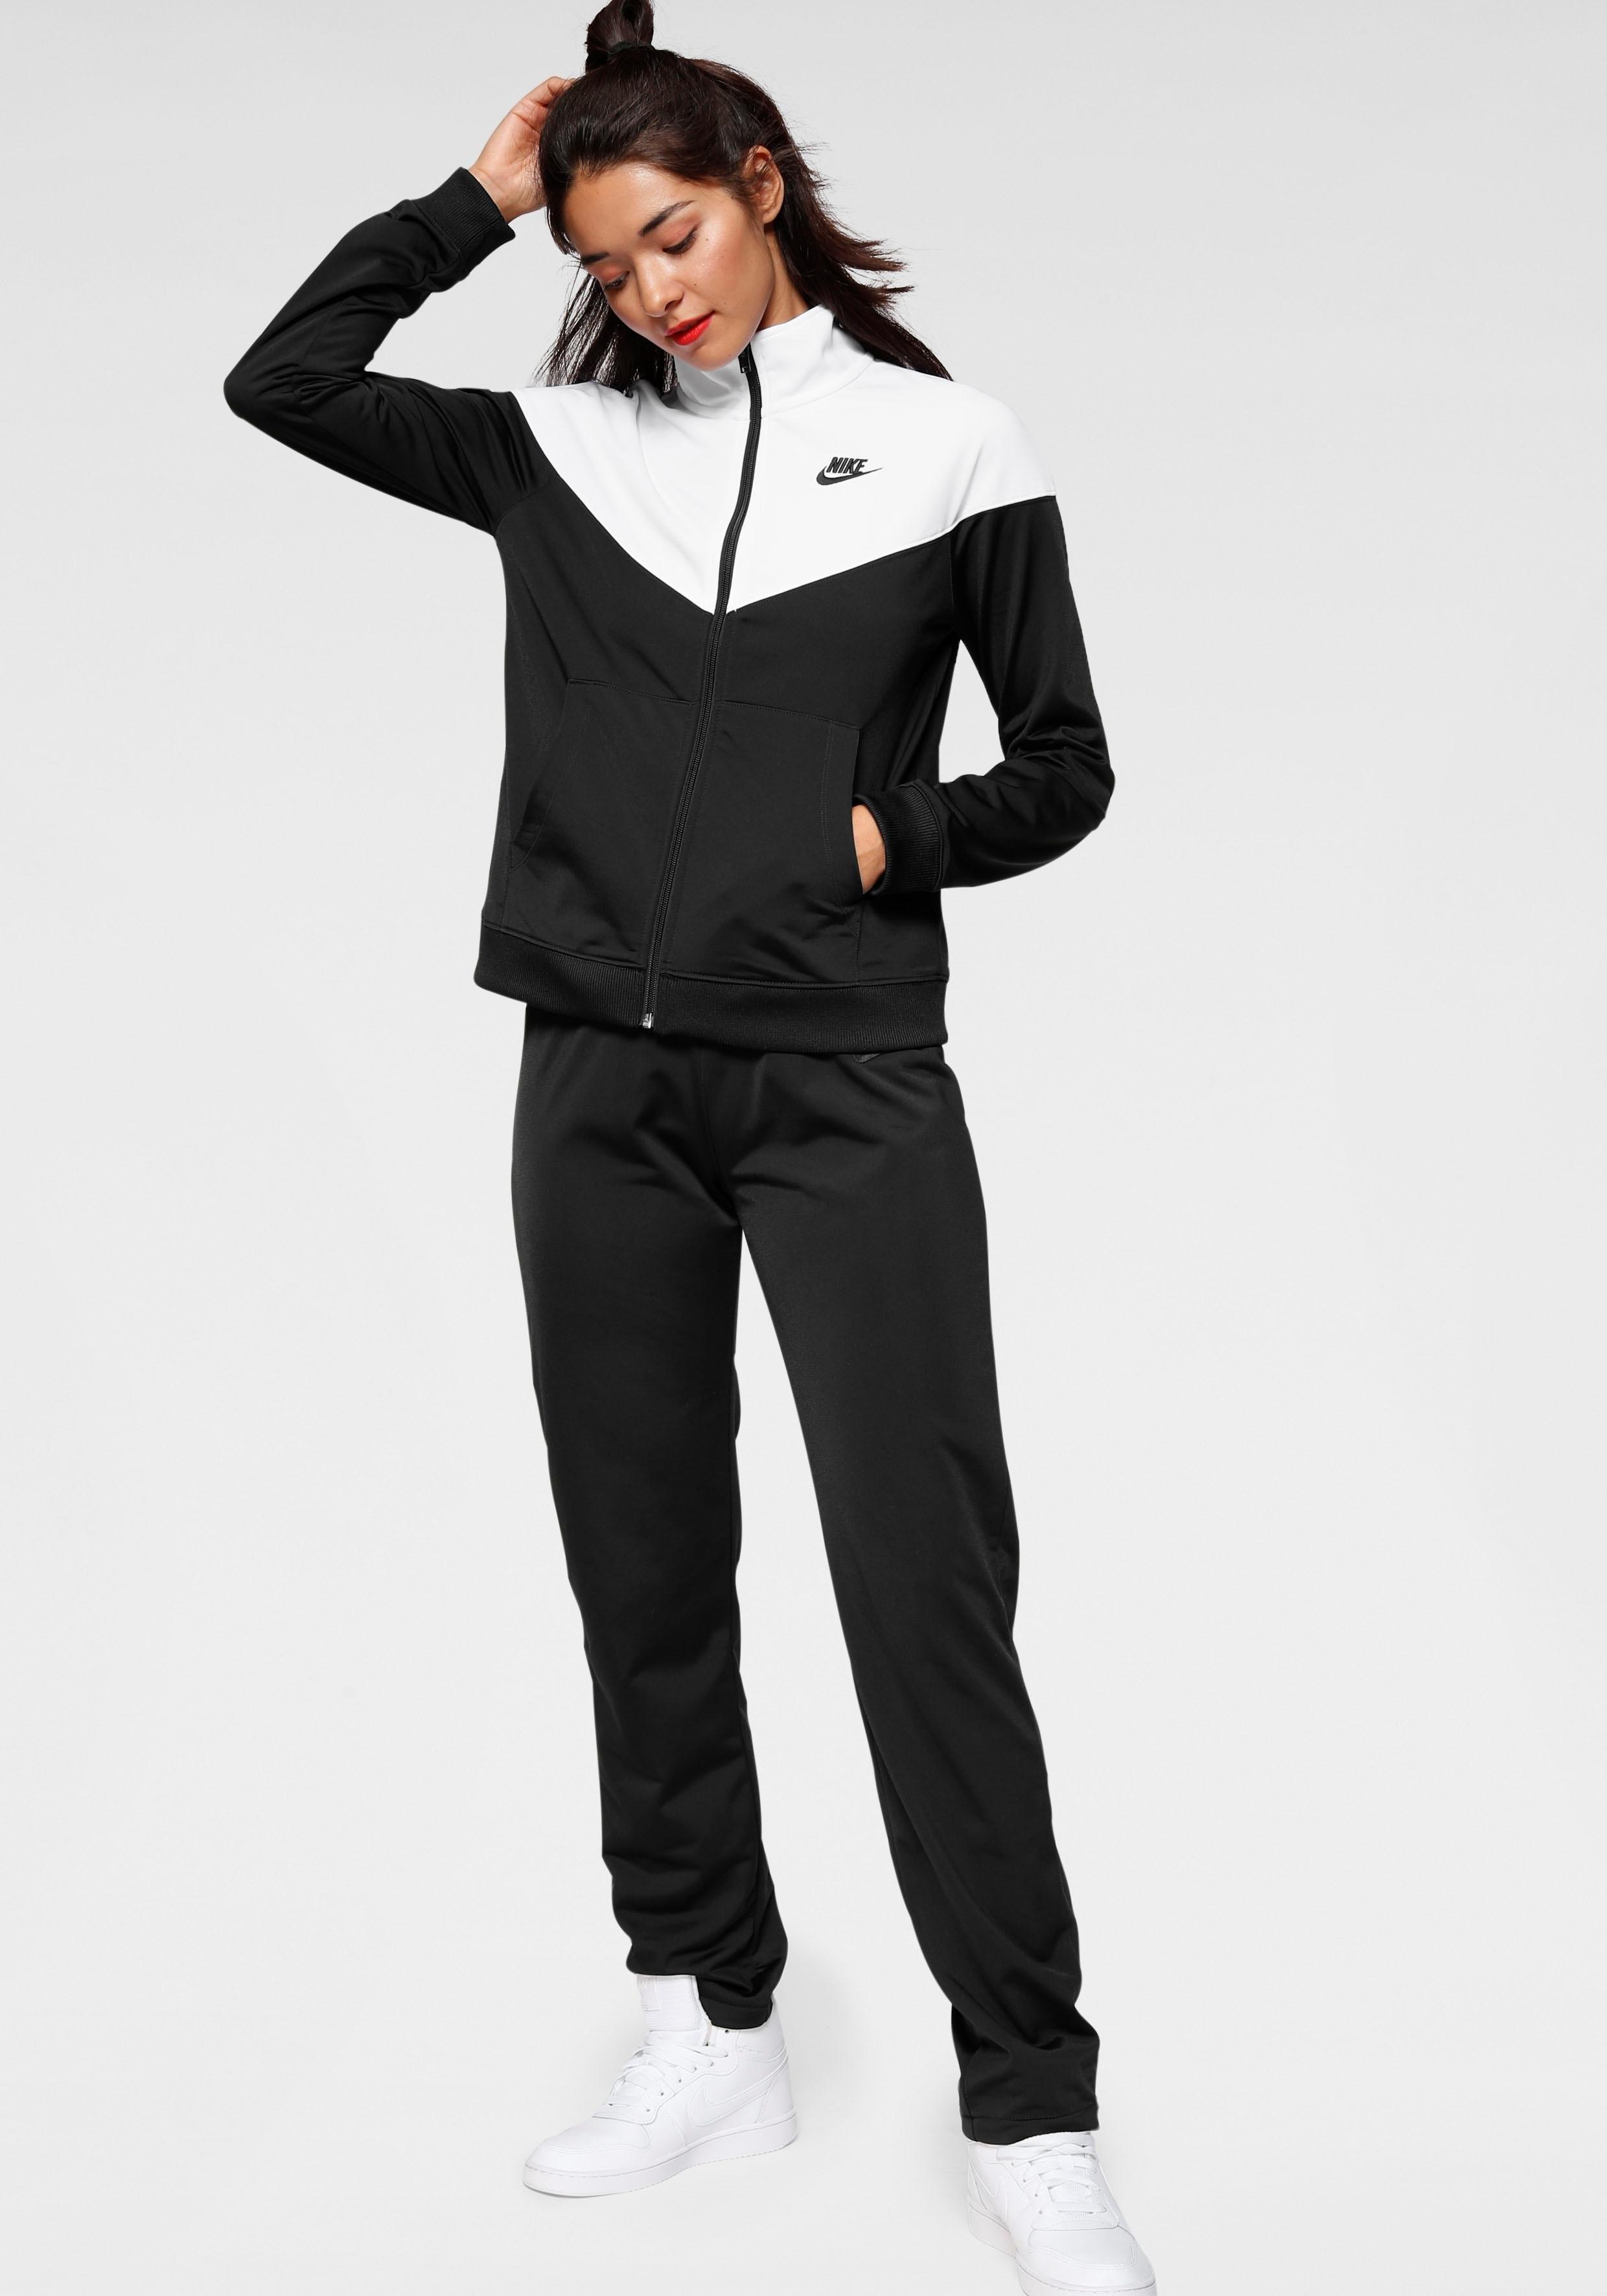 Nike Sportswear trainingspak »W NSW TRK SUIT PK« (2-delige set) bestellen: 30 dagen bedenktijd